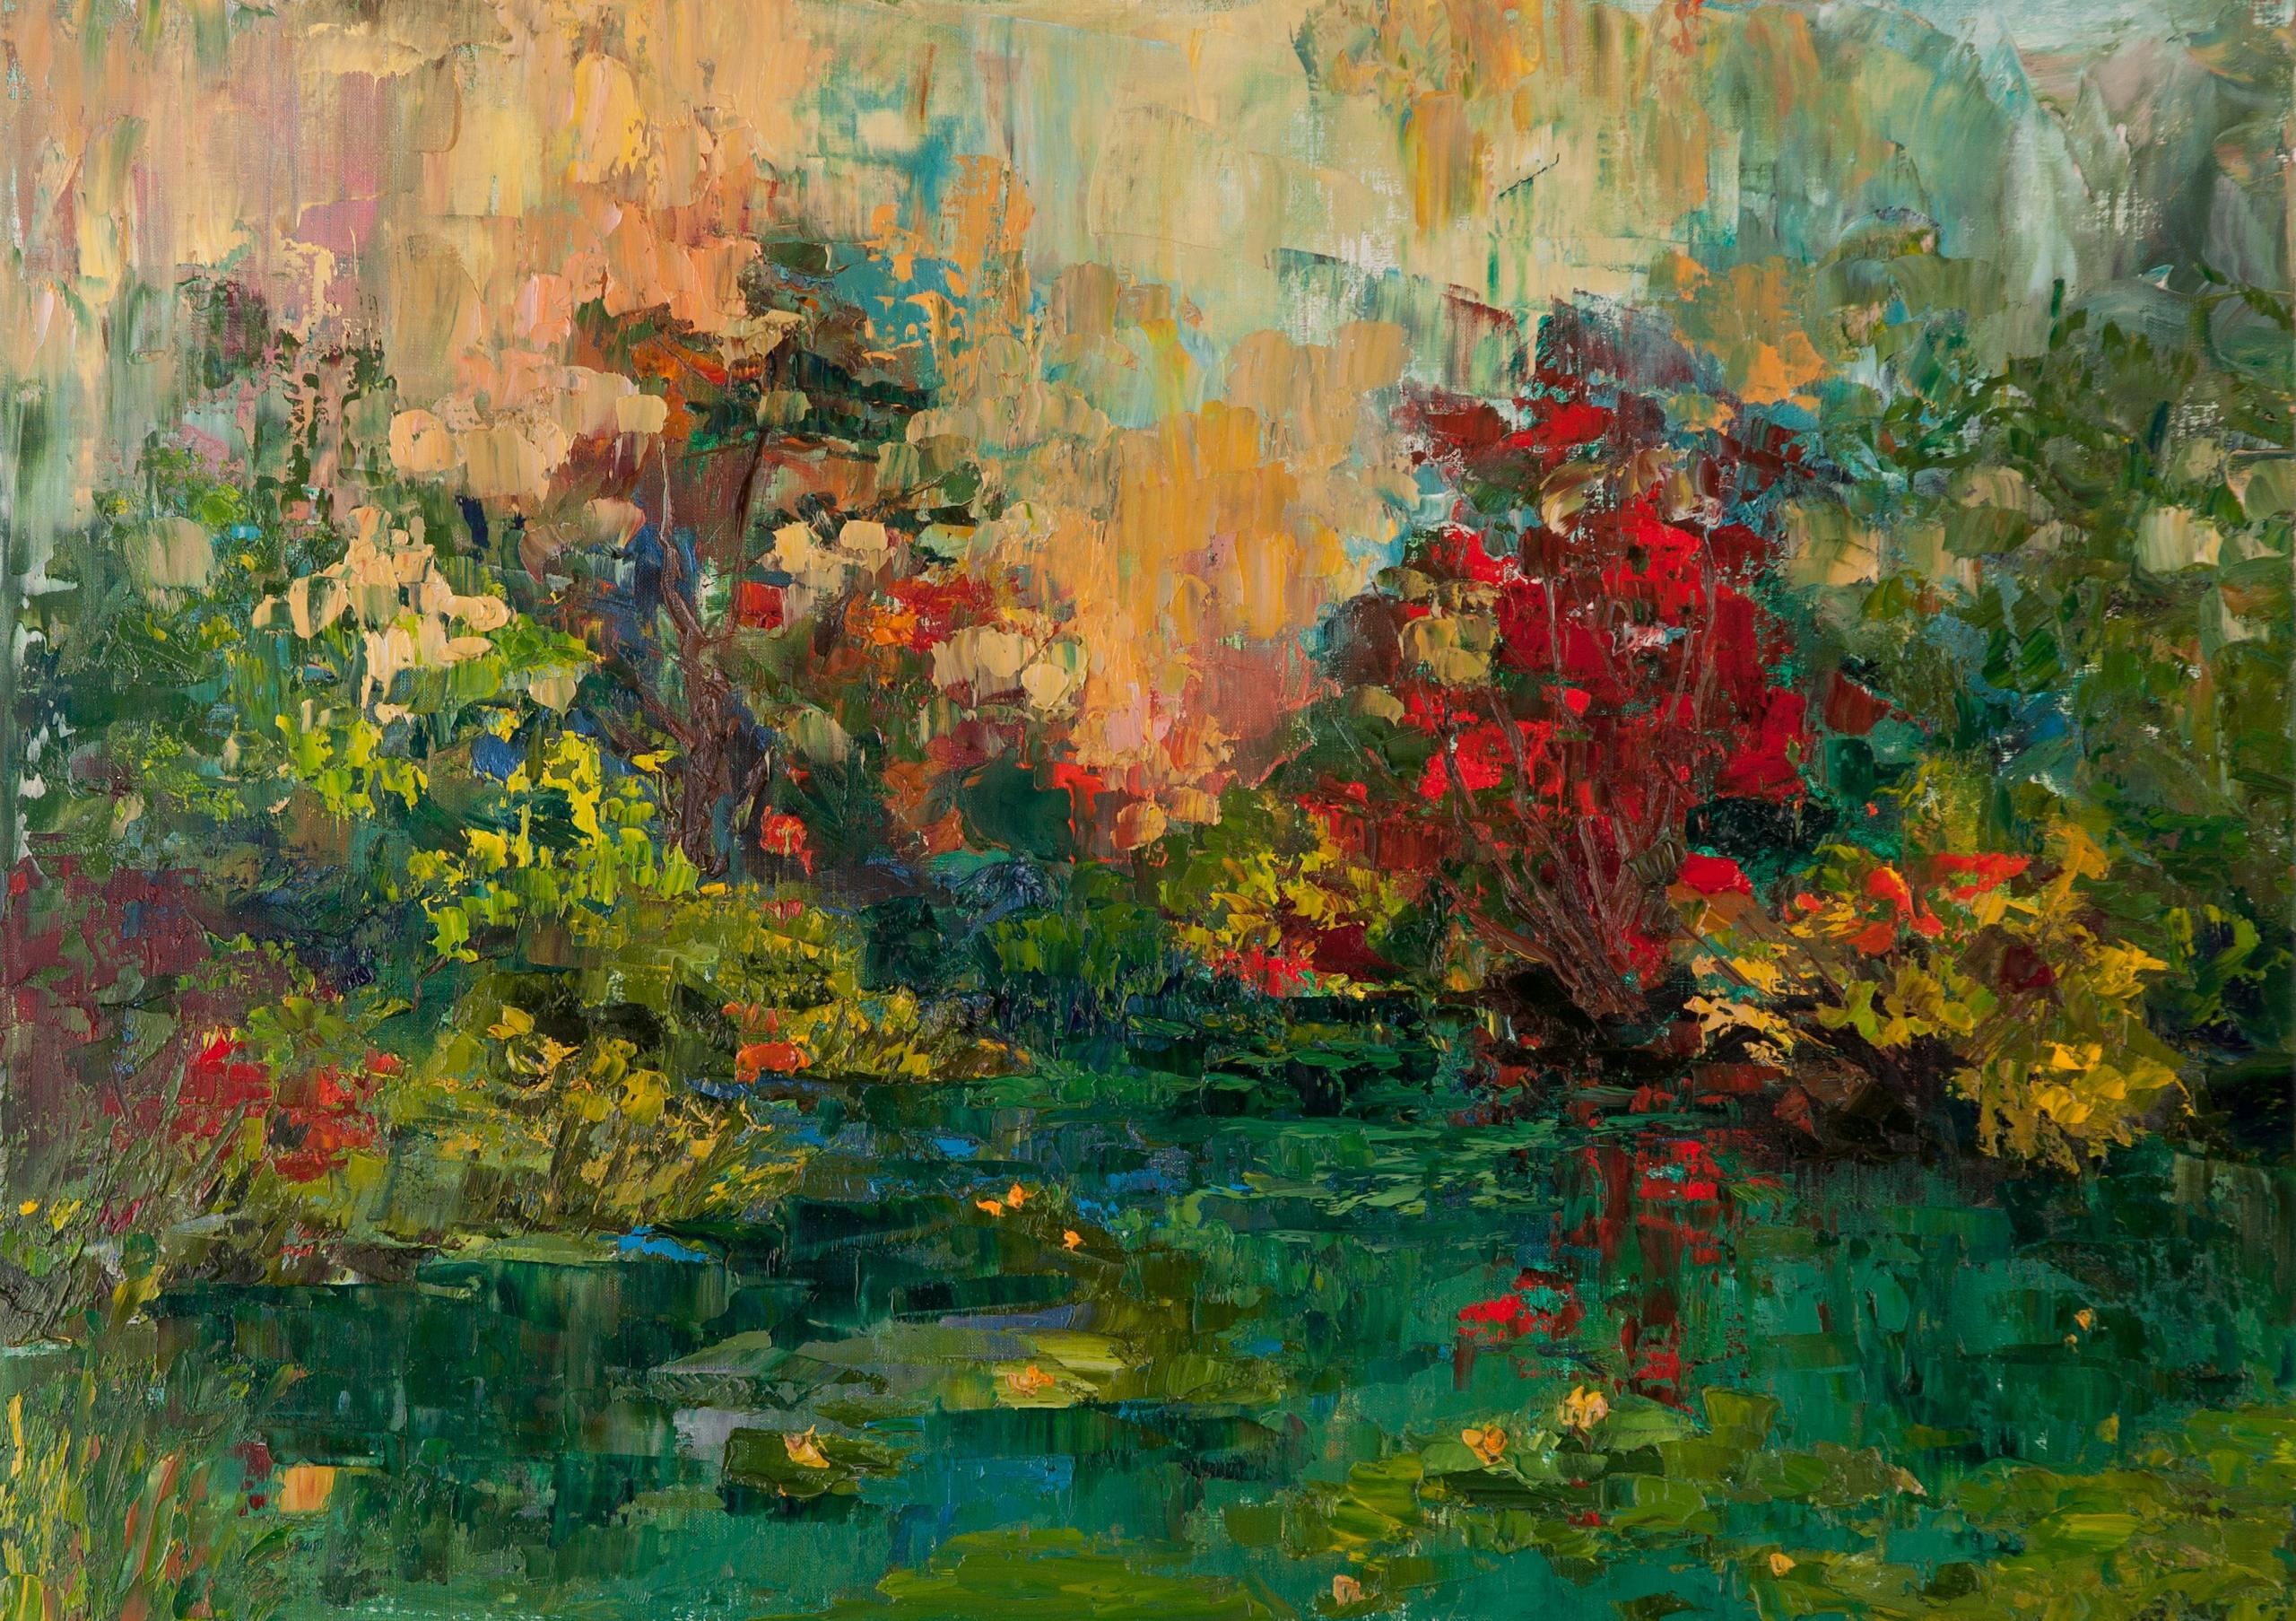 Abandoned Pond Painting, 50 70  - tanya_vasilenko | ello